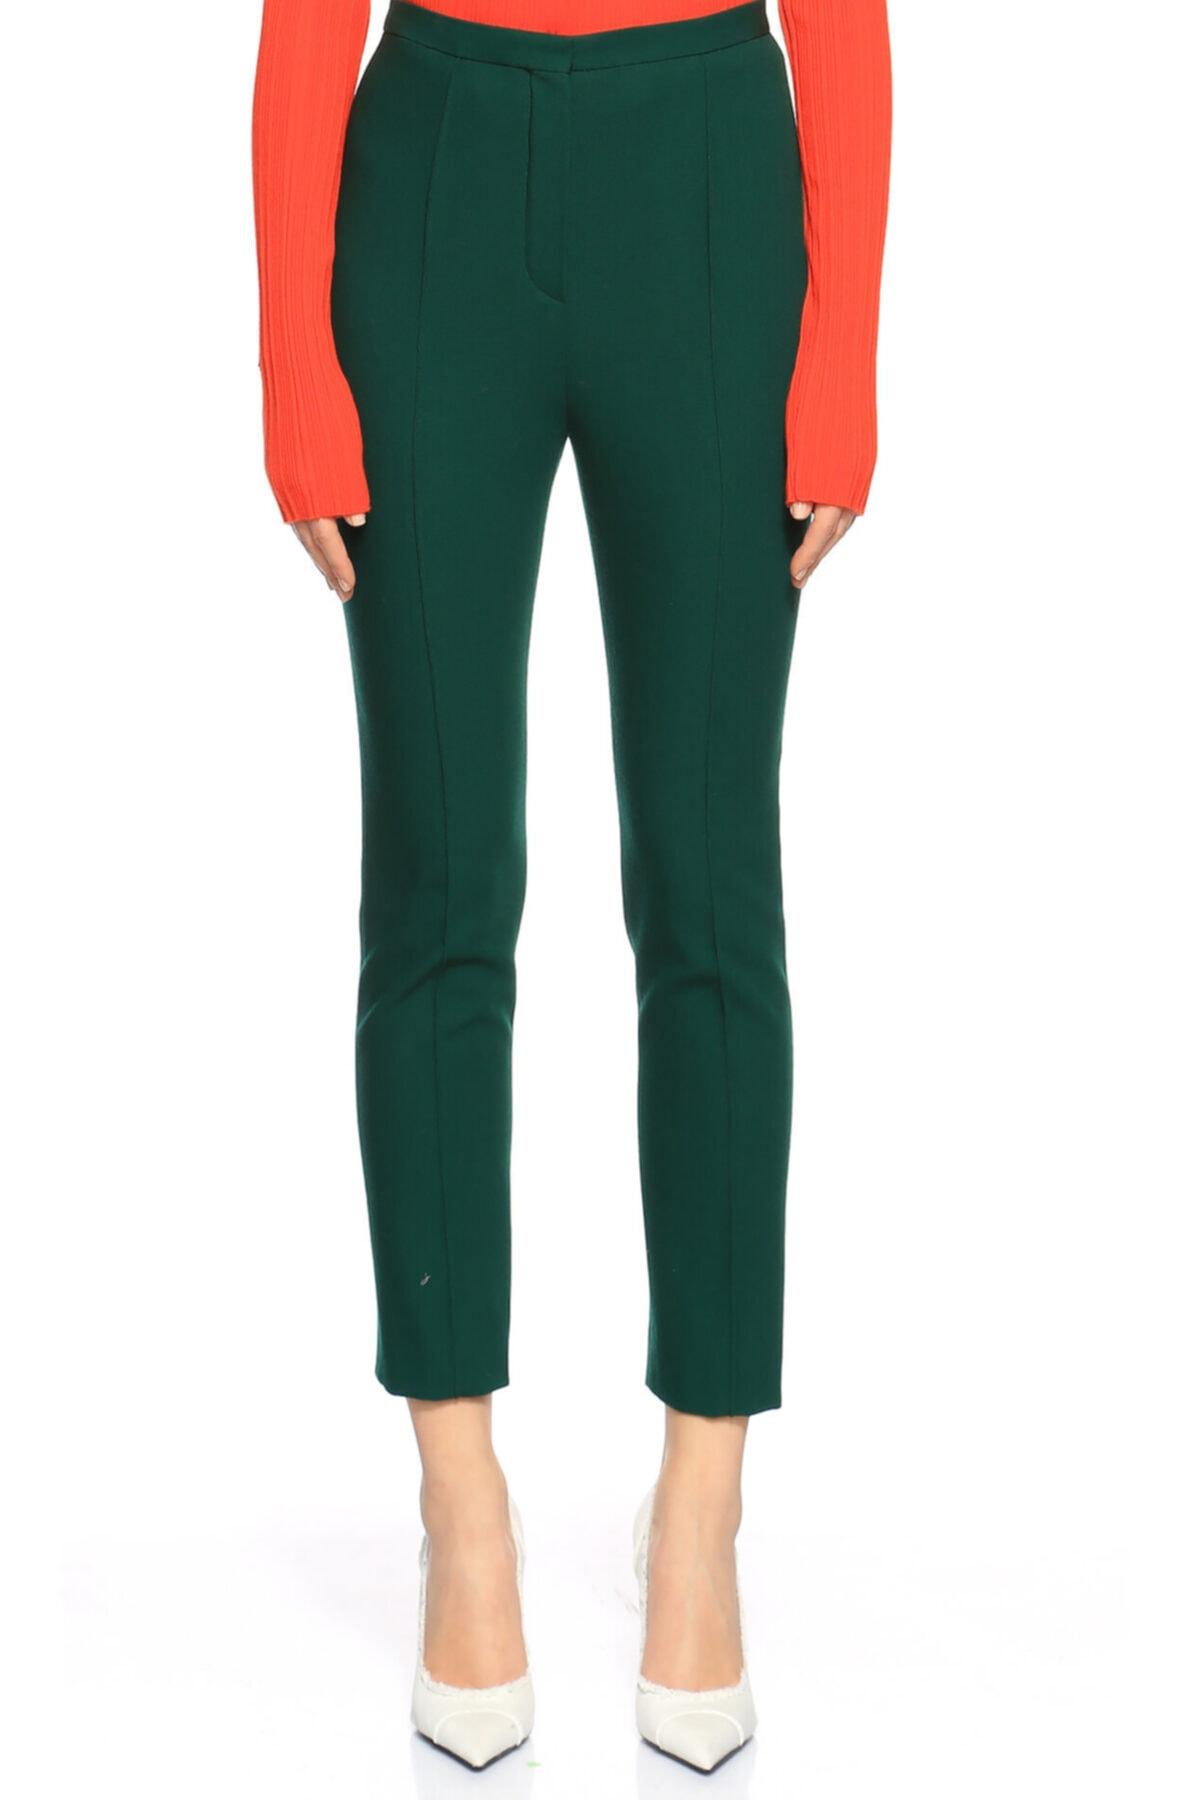 Lanvin Yeşil Pantolon 1